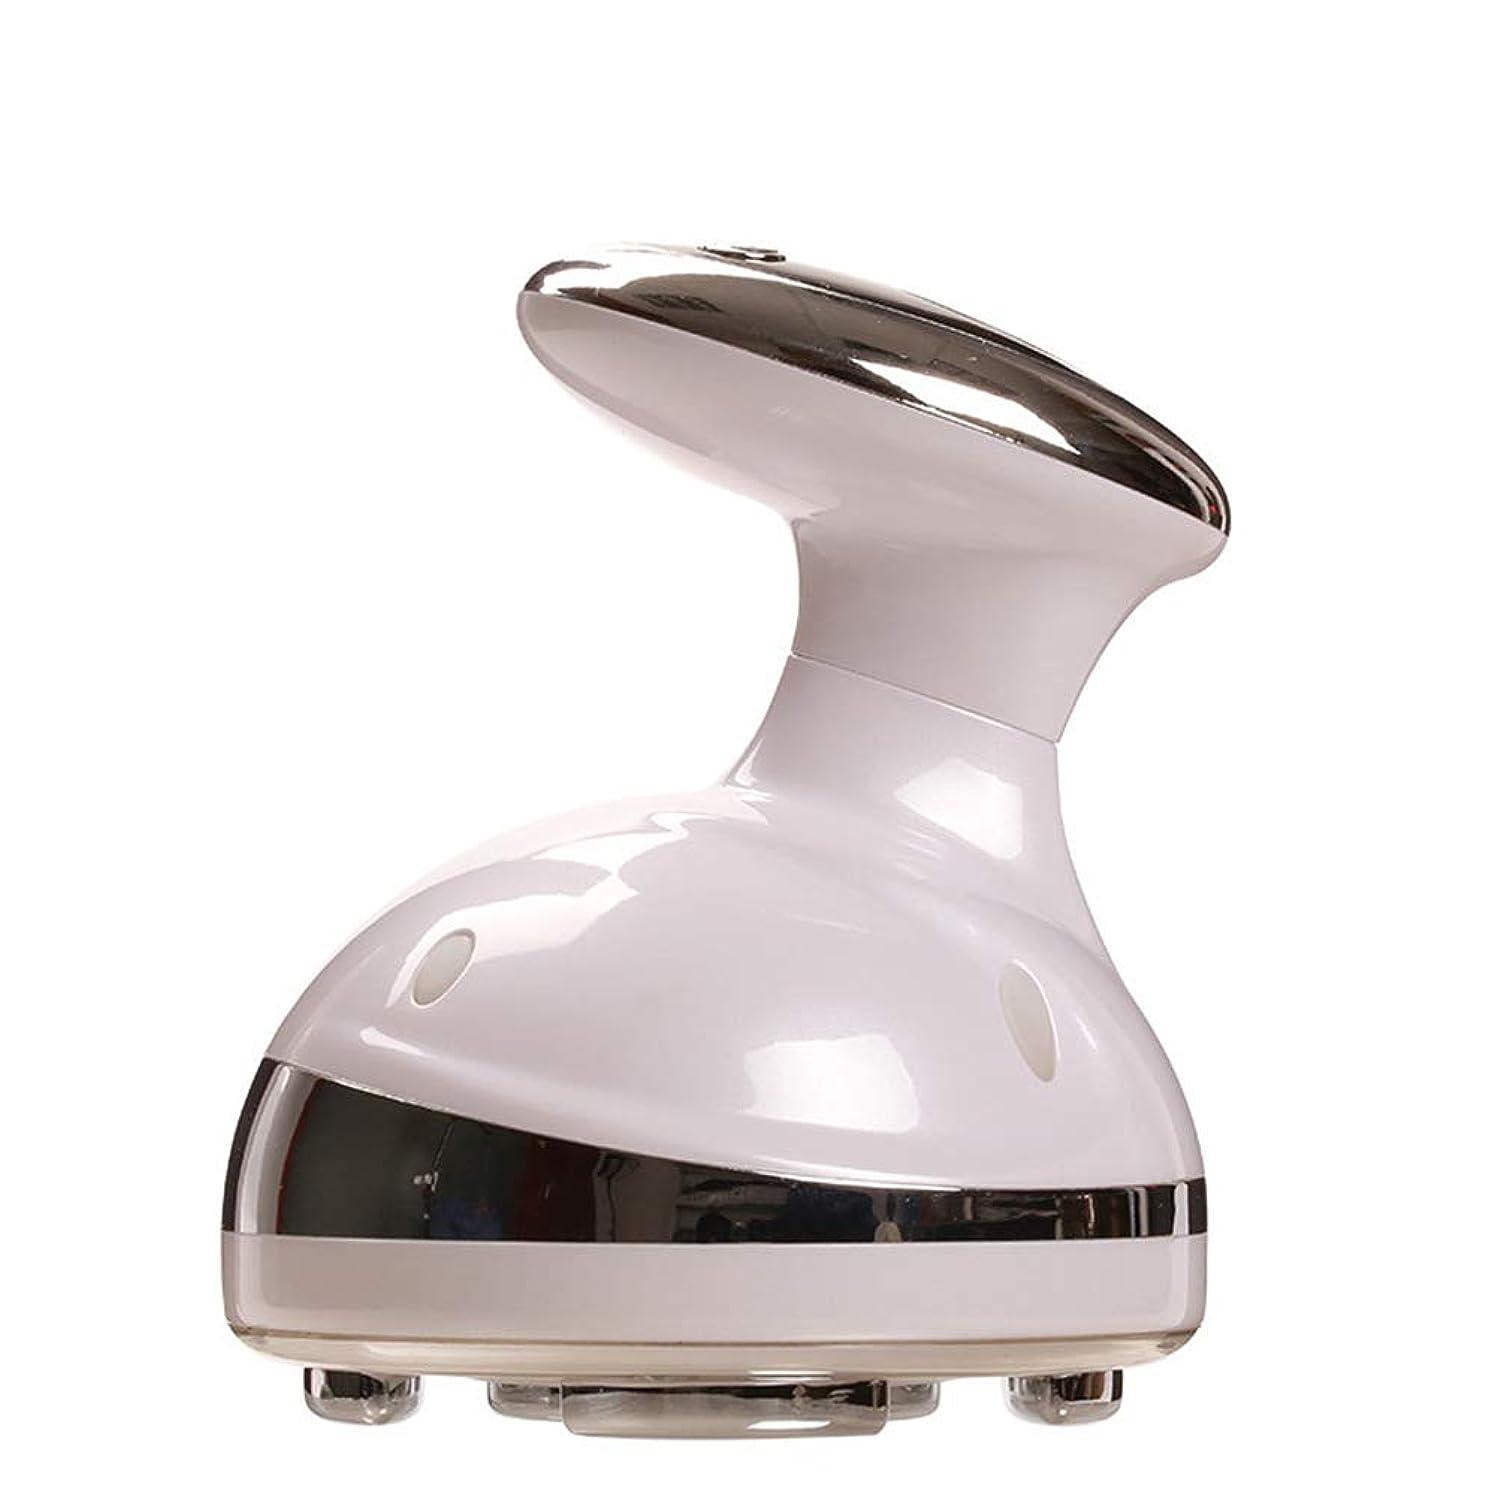 着実に懲戒腹GQSZ脂肪除去キャビテーション美容機HD LCDレッドライトRFセラピーボディシェーピング超音波マッサージ減量ボディスリミングスキン引き締め,White